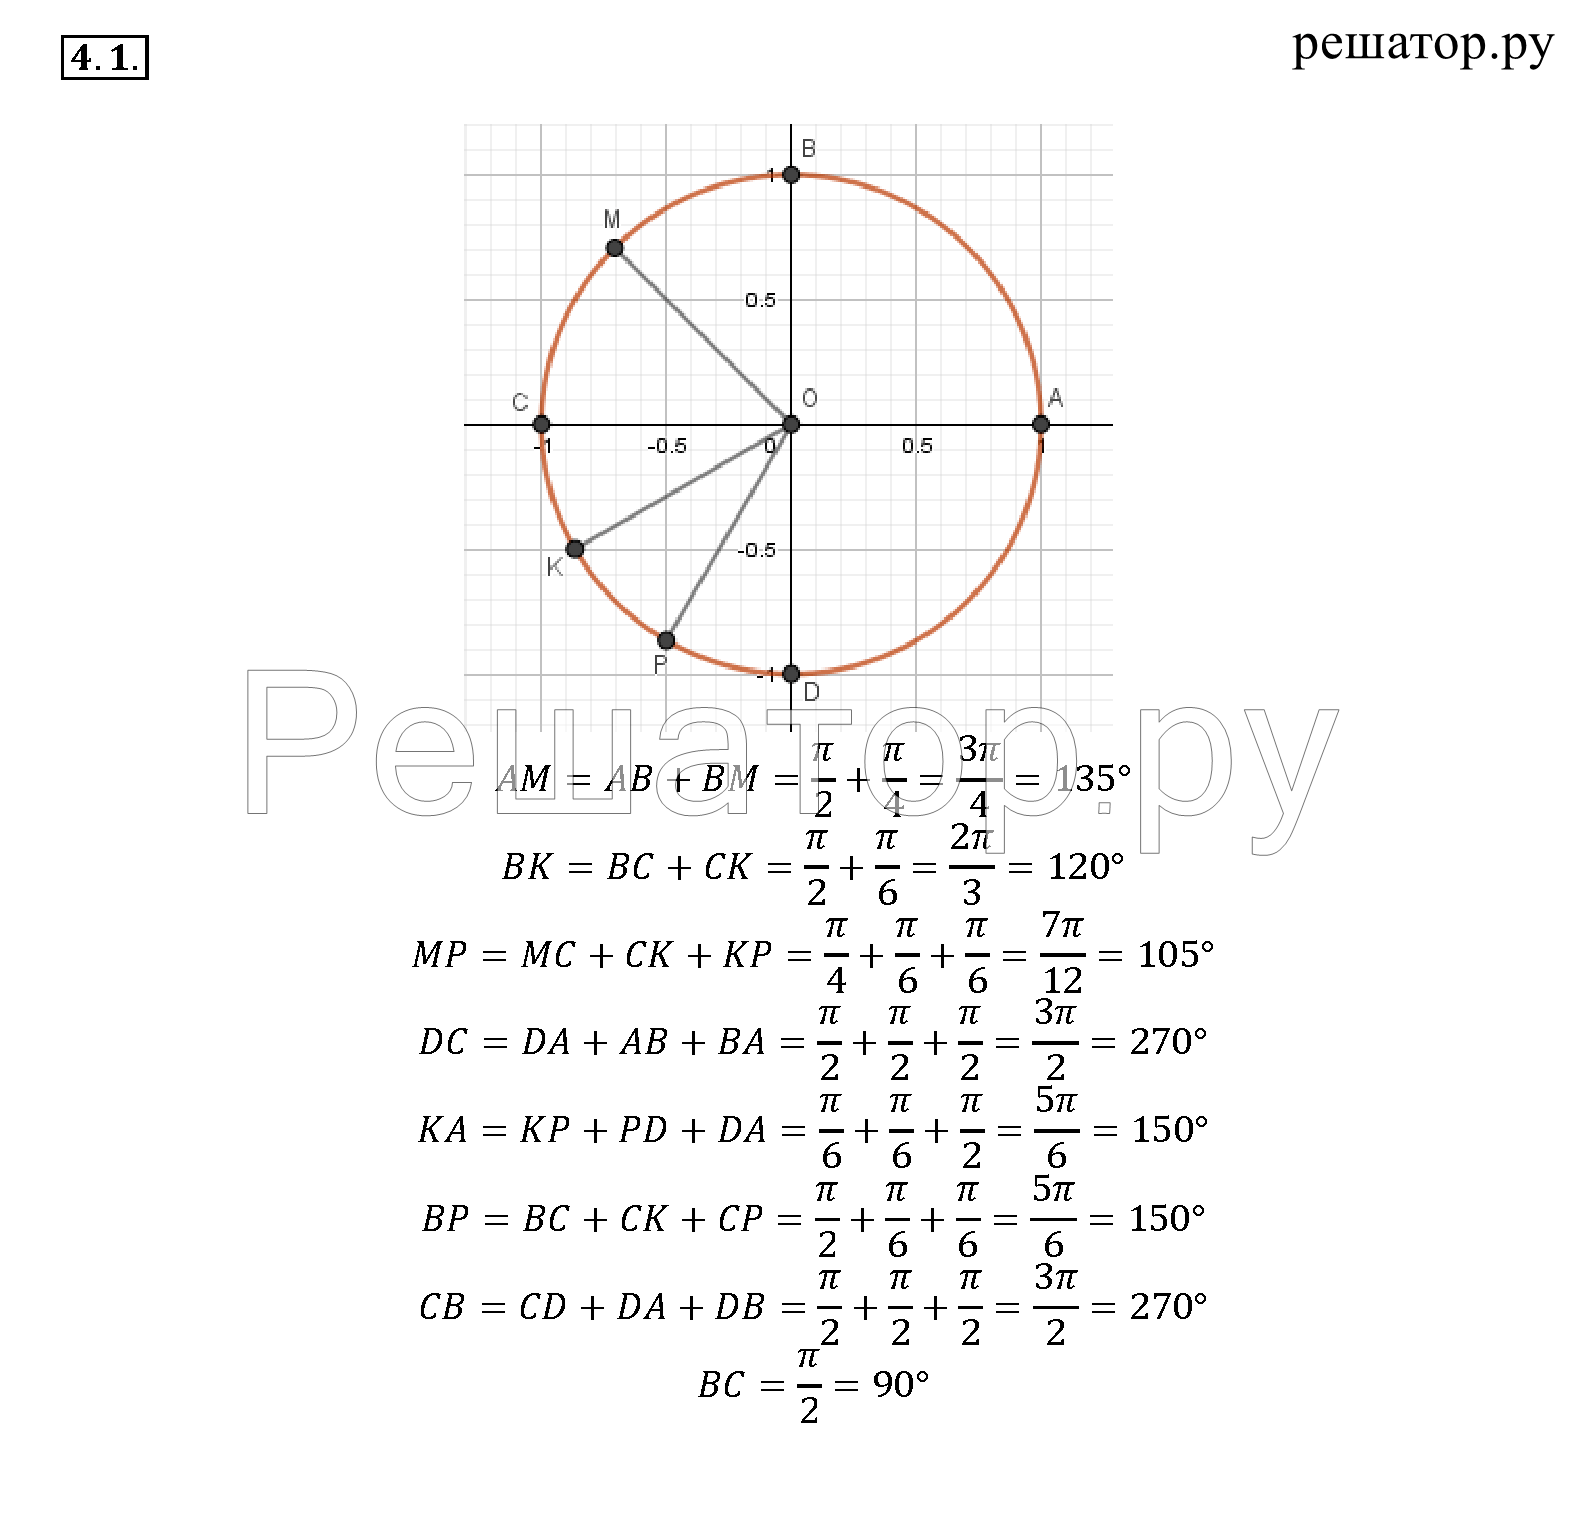 гдз по алгебре задачник 10-11 класс мордкович